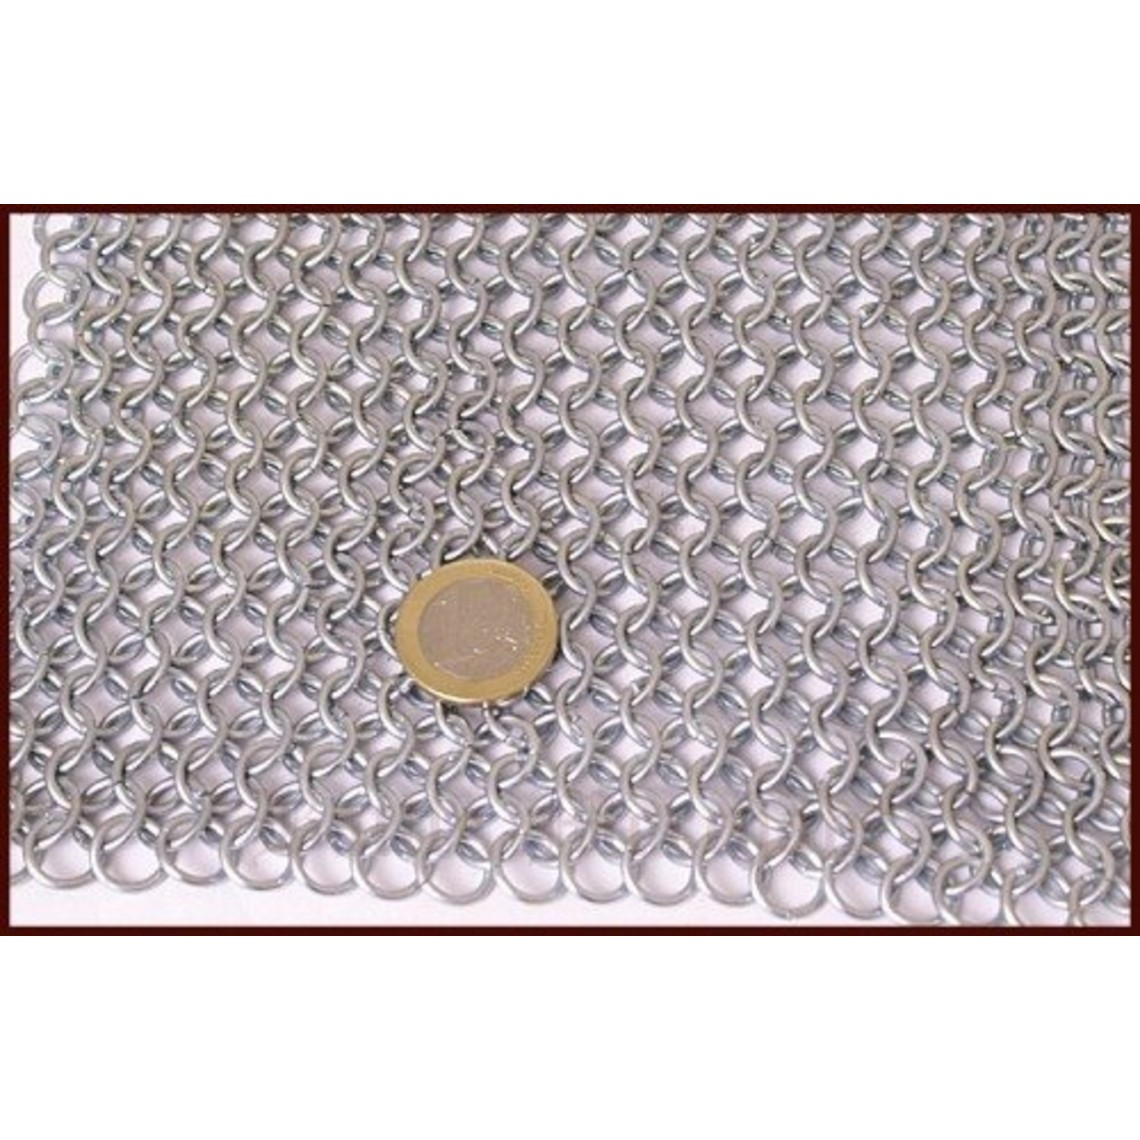 Cuffia con scollatura quadrata, bronzata, 8 mm